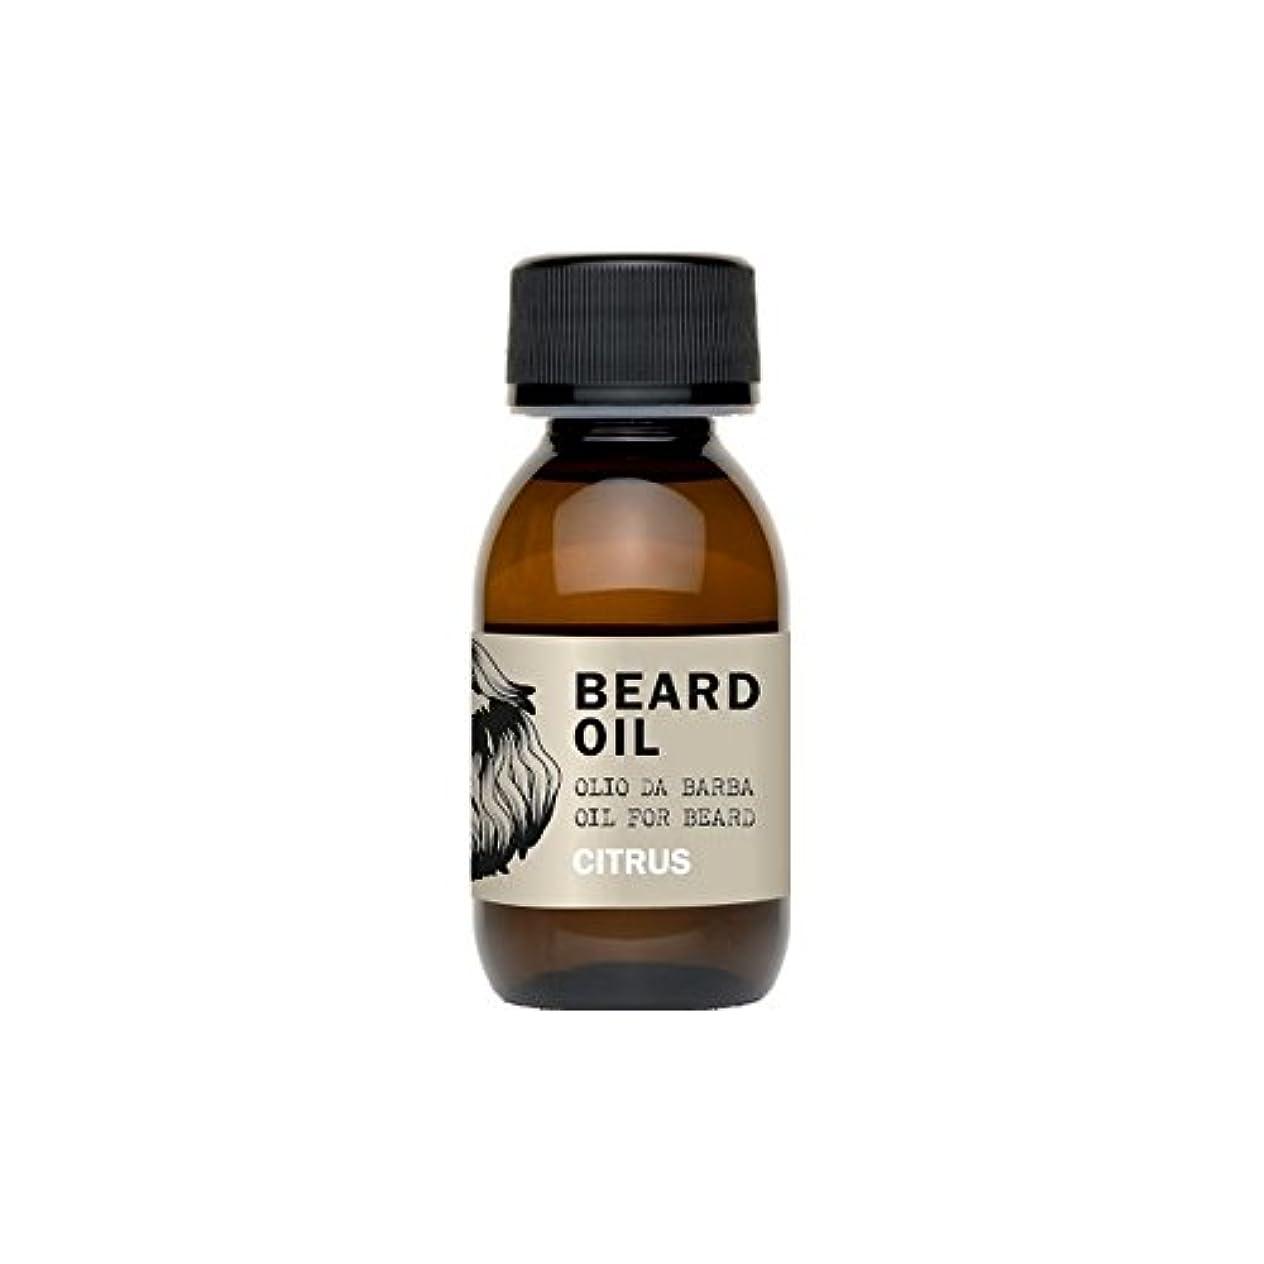 泳ぐ生き物マトロンDear Beard ディア?ビアード Beard Oil Citrus 50 ml.[並行輸入品]